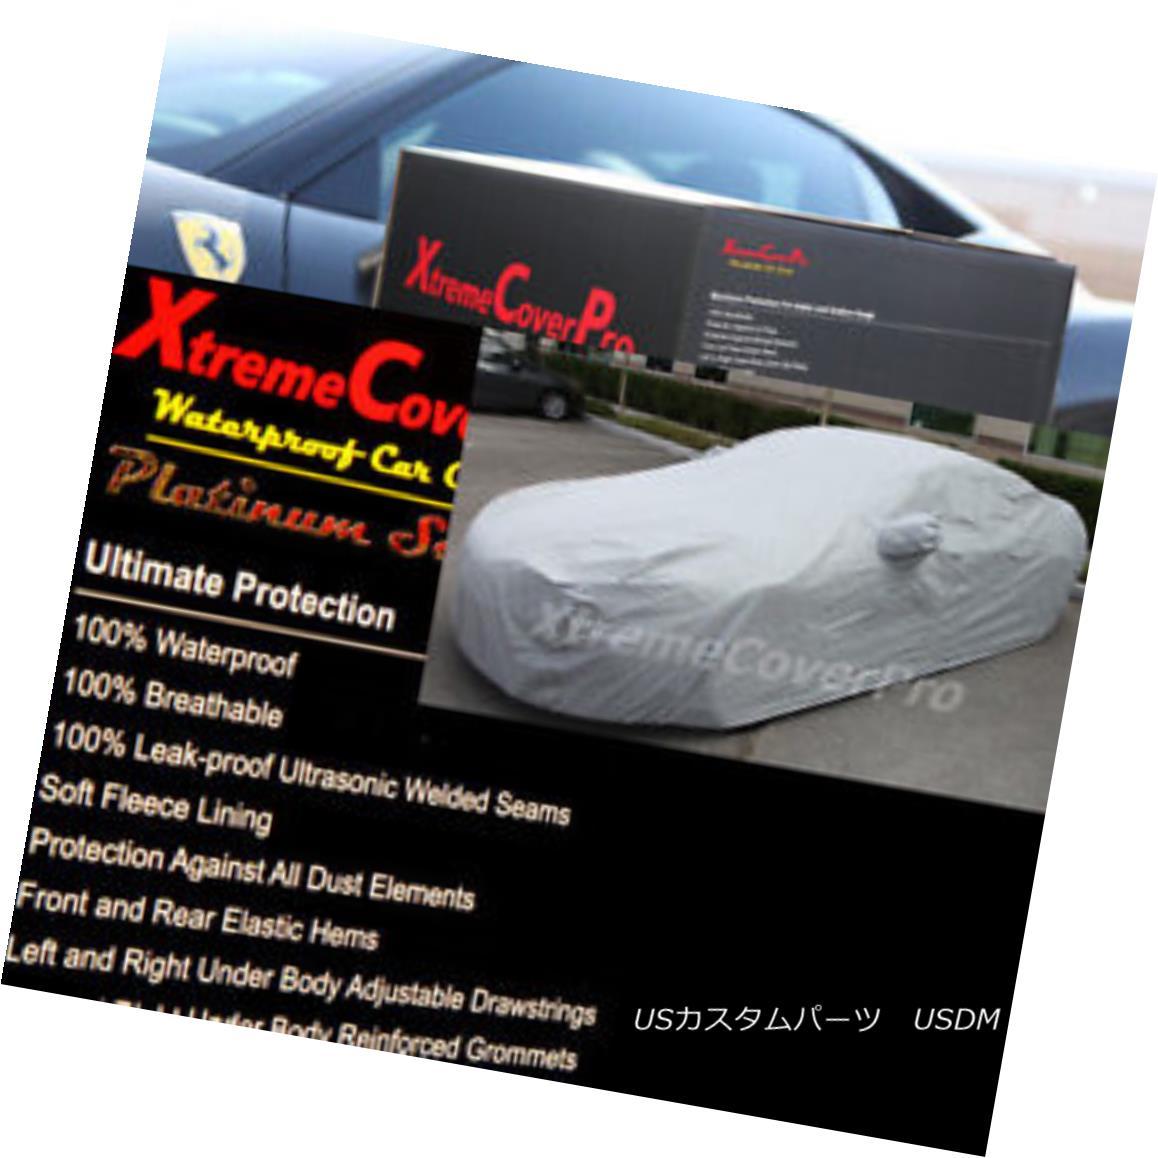 カーカバー 2001 2002 Mercedes C230 C240 C280 C320 C350 Waterproof Car Cover w/MirrorPocket 2001年2002年メルセデスC230 C240 C280 C320 C350防水カーカバー付きMirrorPocket